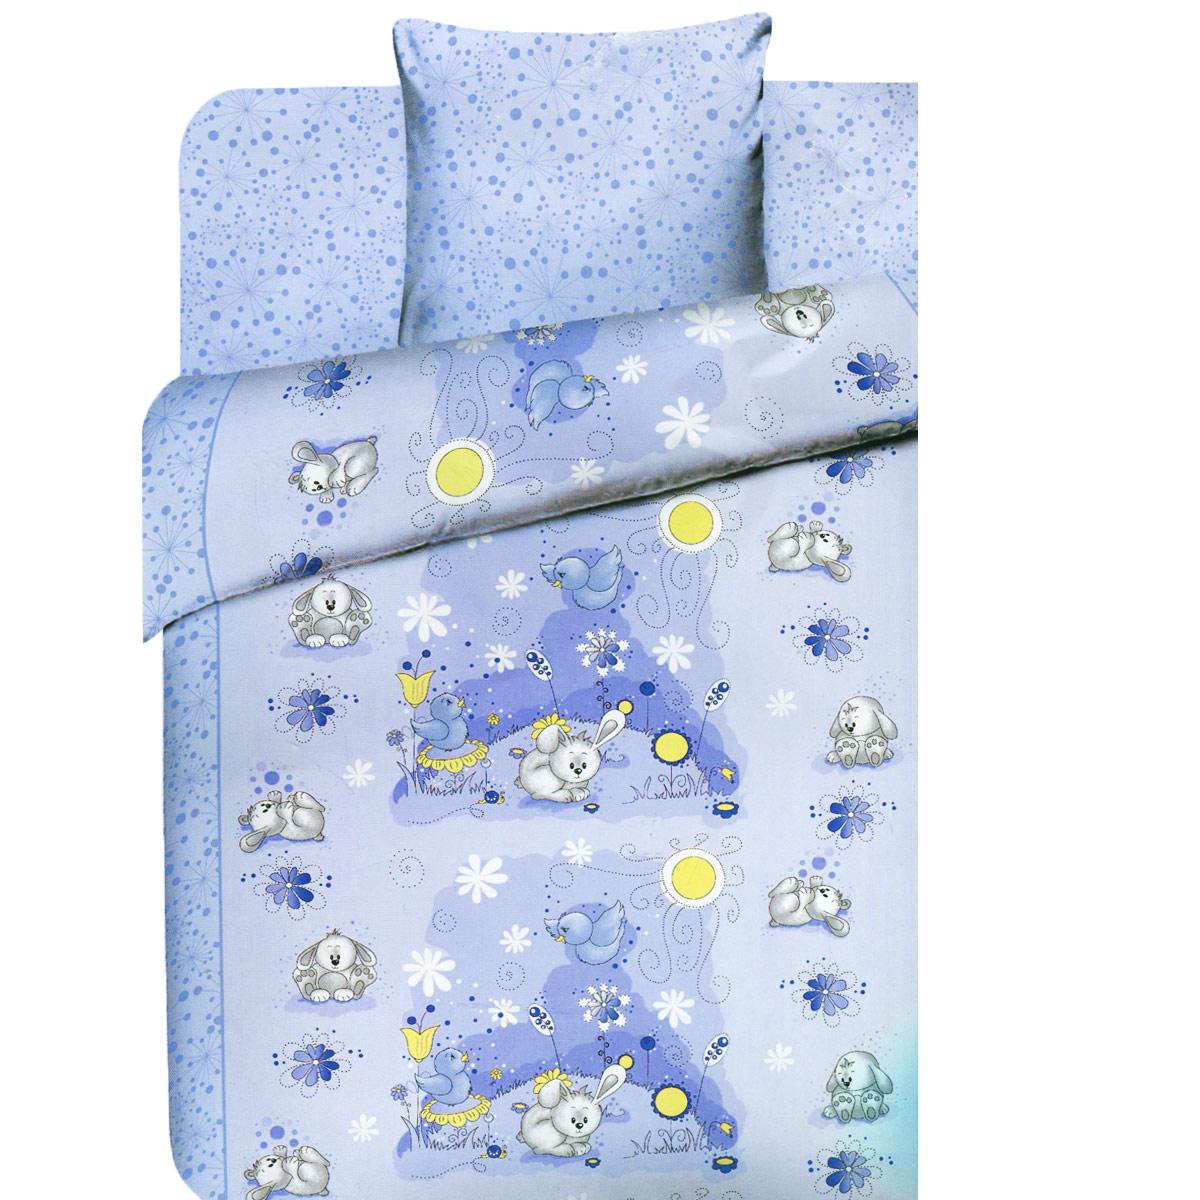 Детское постельное белье Василек Плюшевые зайки (ясельный КПБ, хлопок, наволочка 40х60), цвет: синий3976/2Детское постельное белье Василек Плюшевые зайки прекрасно подойдет для вашего малыша. Текстиль произведен из 100% хлопка. При нанесении рисунка используются безопасные натуральные красители, не вызывающие аллергии. Гладкая структура делает ткань приятной на ощупь, она прочная и хорошо сохраняет форму, мало мнется и устойчива к частым стиркам. Комплект состоит из наволочки, простыни и пододеяльника. Яркий рисунок непременно понравится вашему ребенку. В комплект входят: Пододеяльник - 1 шт. Размер: 145 см х 115 см. Простыня - 1 шт. Размер: 150 см х 120 см. Наволочка - 1 шт. Размер: 40 см х 60 см.